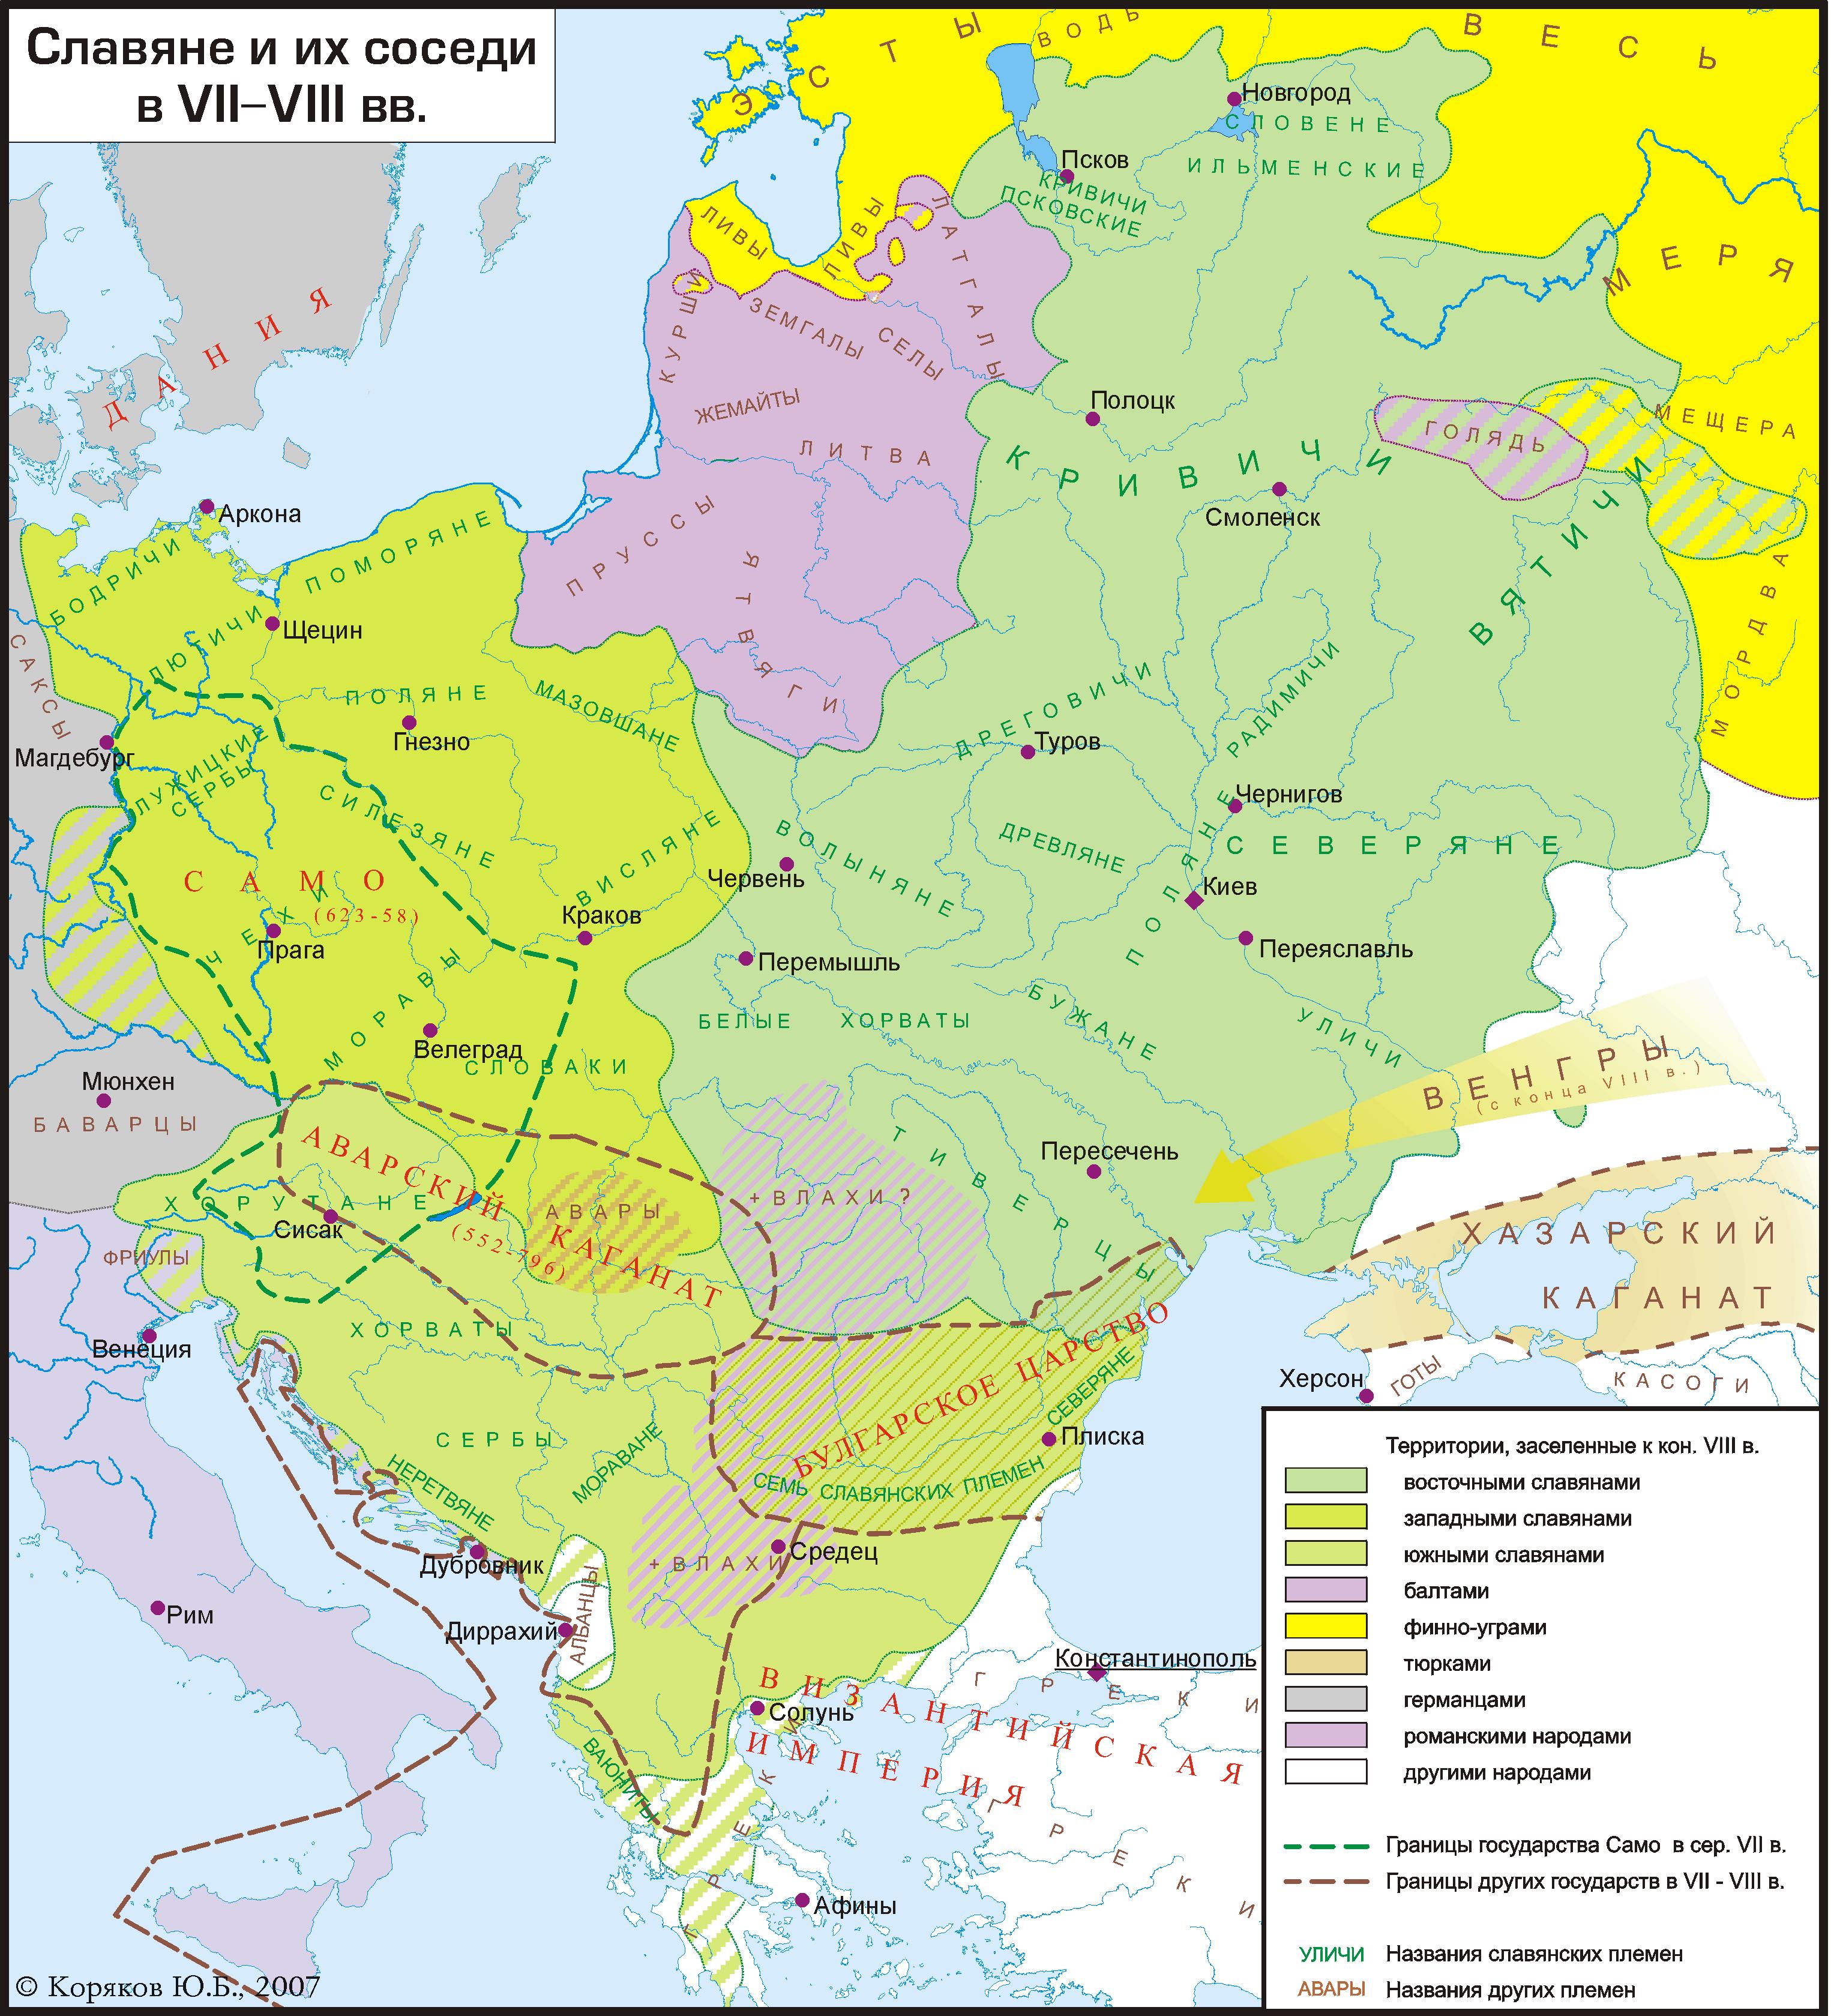 славяне-государство-само